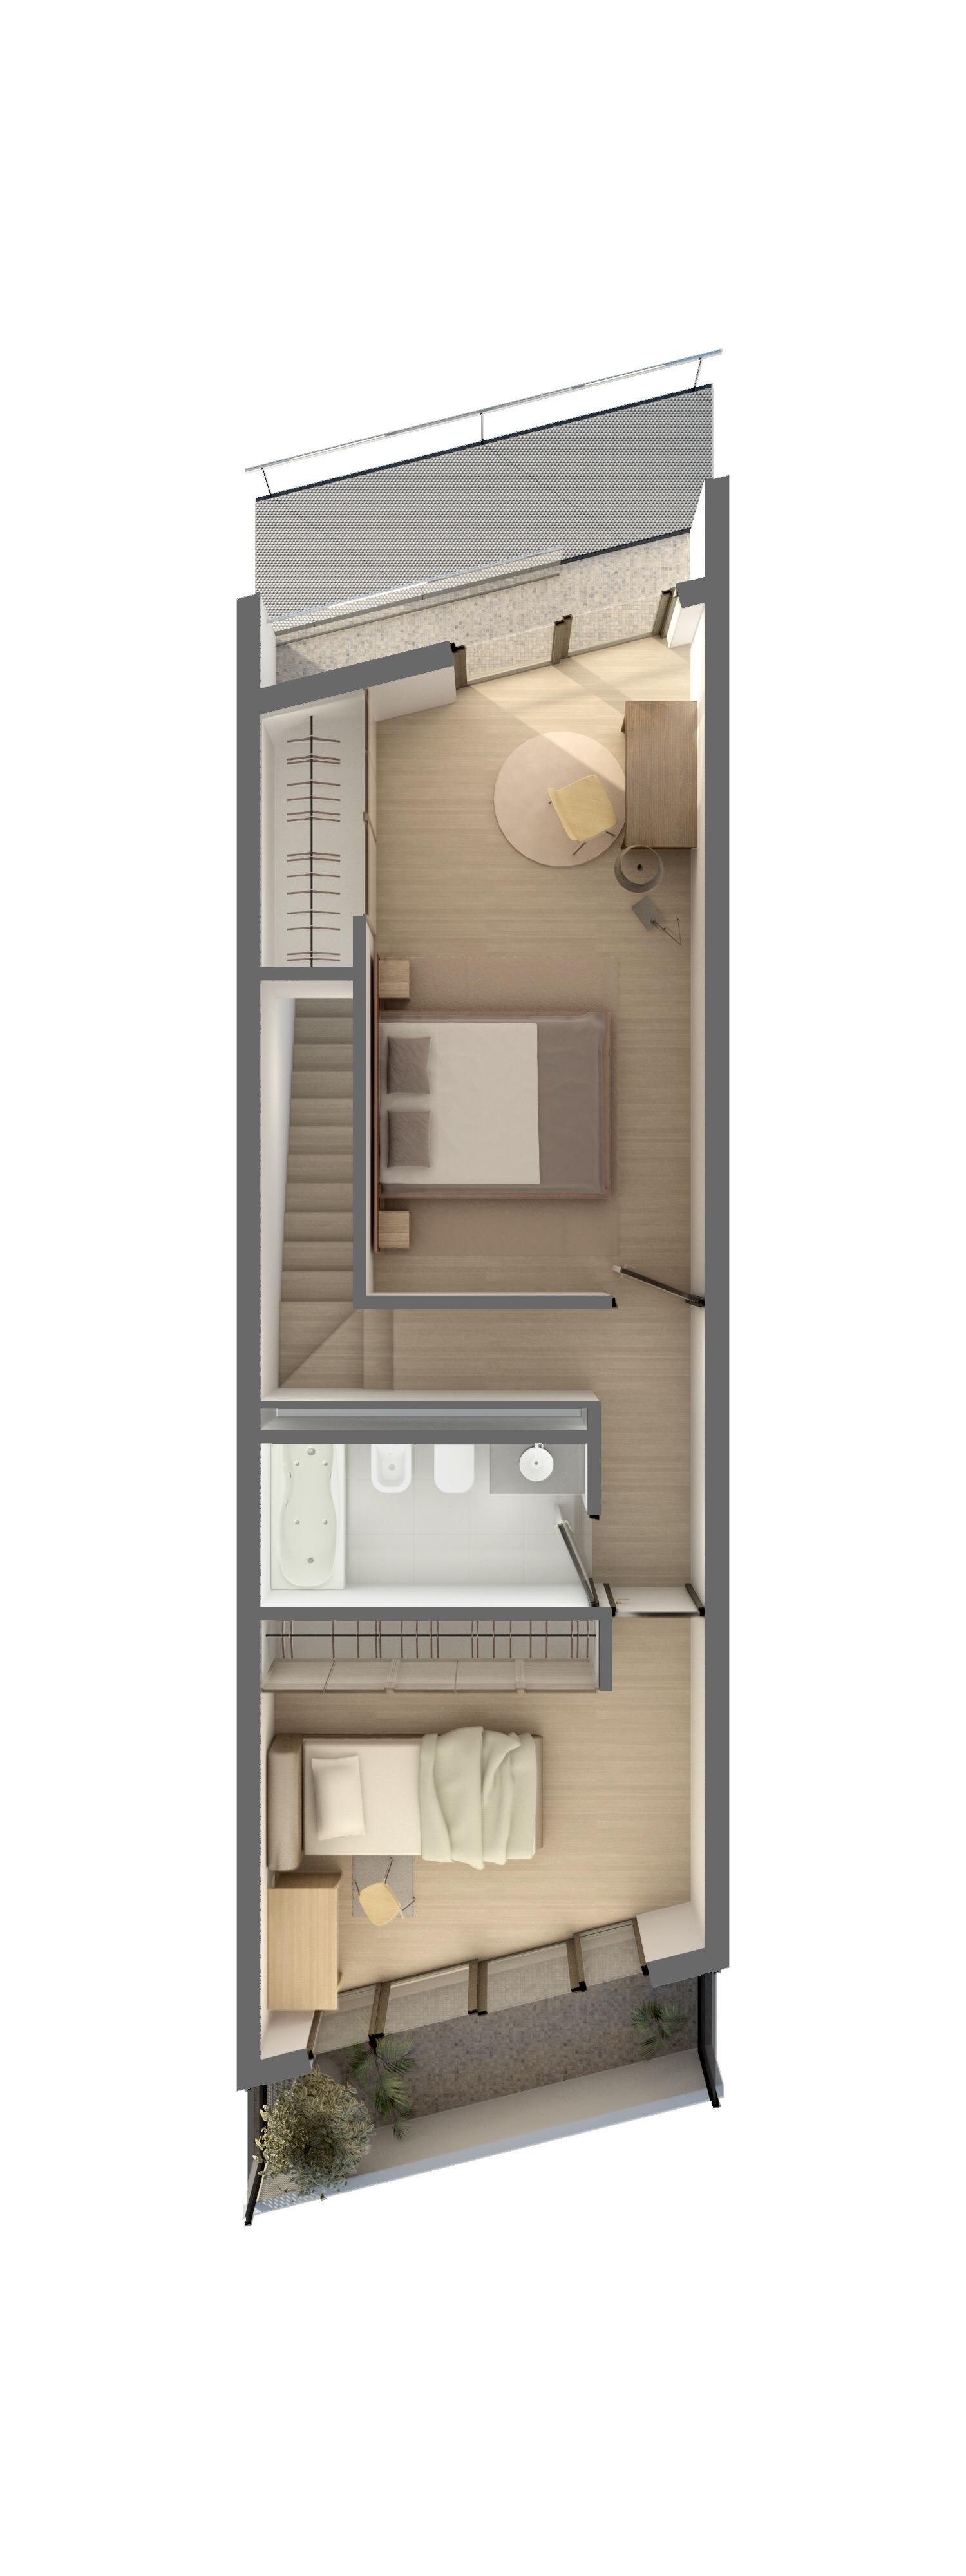 Planta Duplex 3 Dormitorios